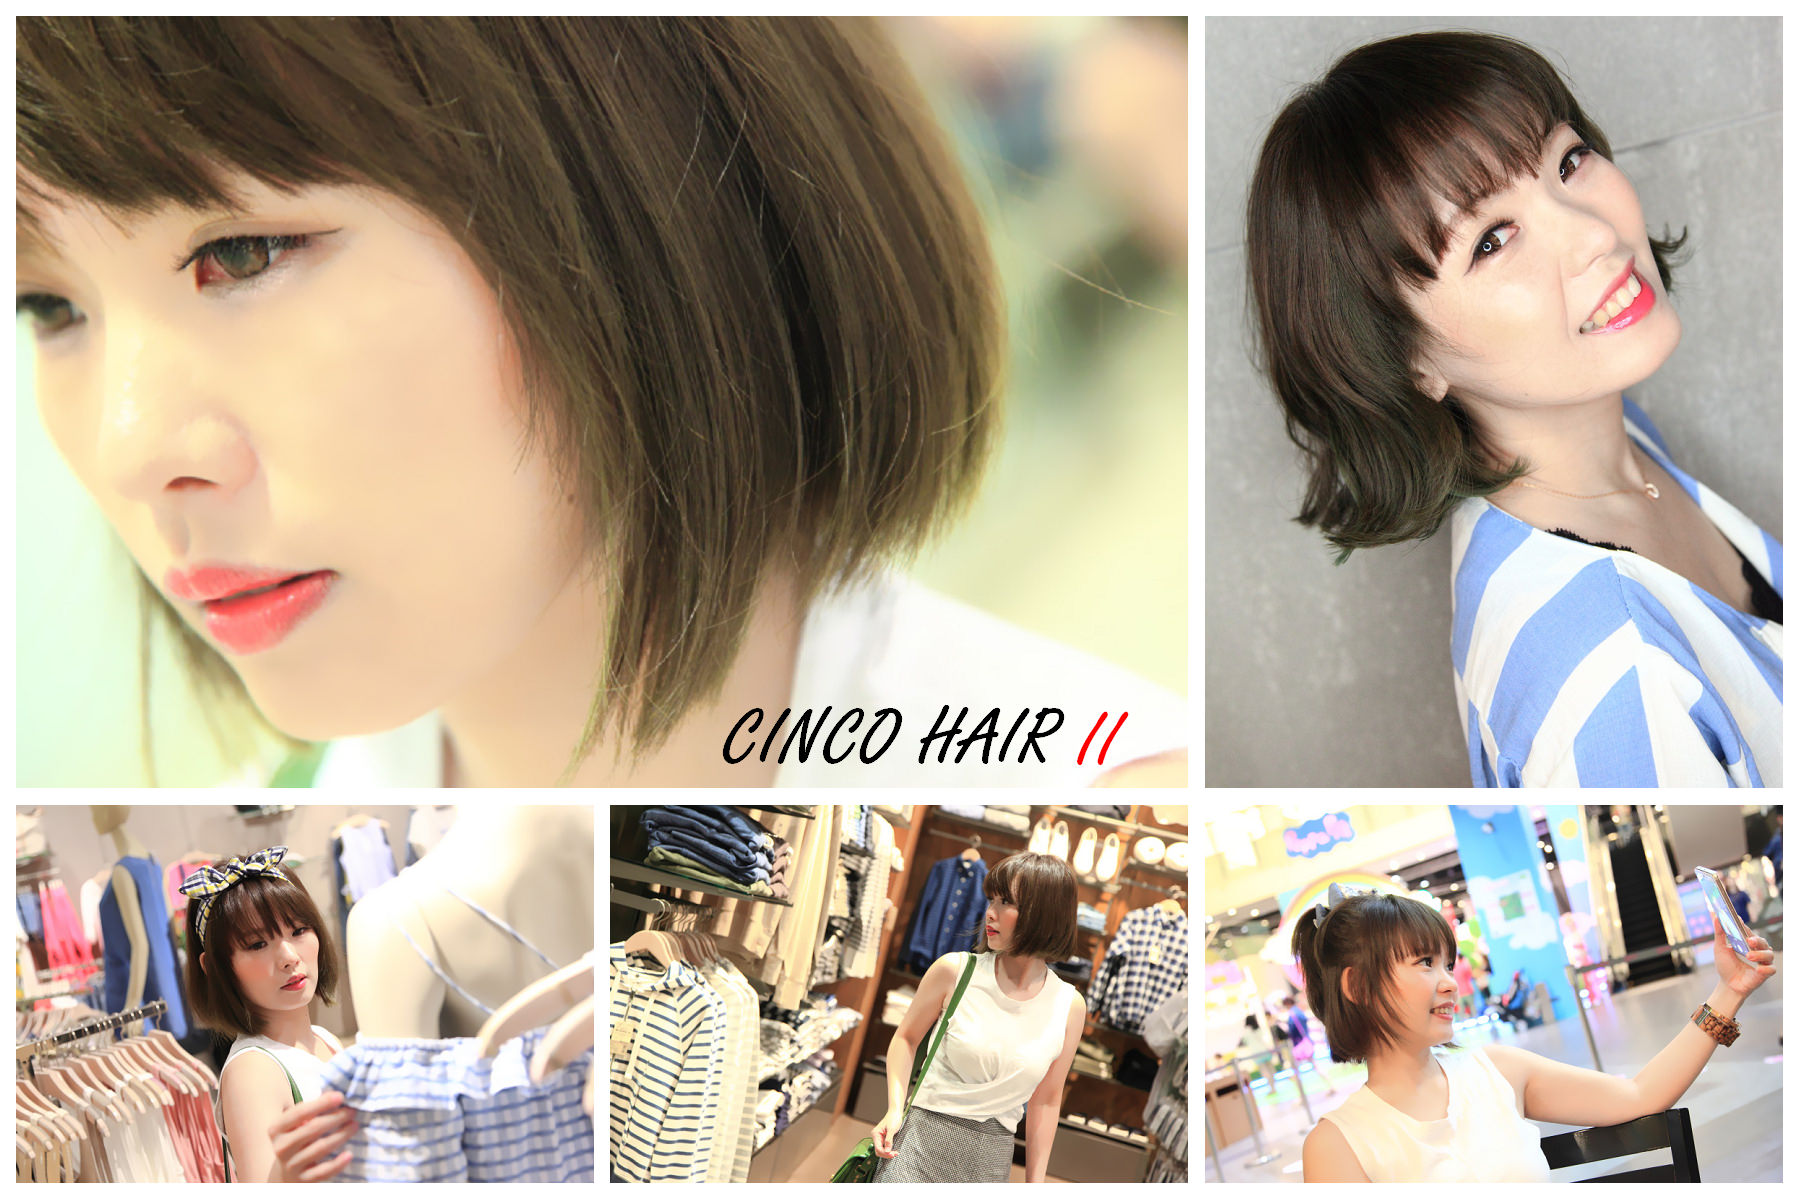 [台北士林] 台北髮廊/剪髮/染髮/燙髮推薦,2017年短髮當道!我要變身大力女子!CINCO HAIR II